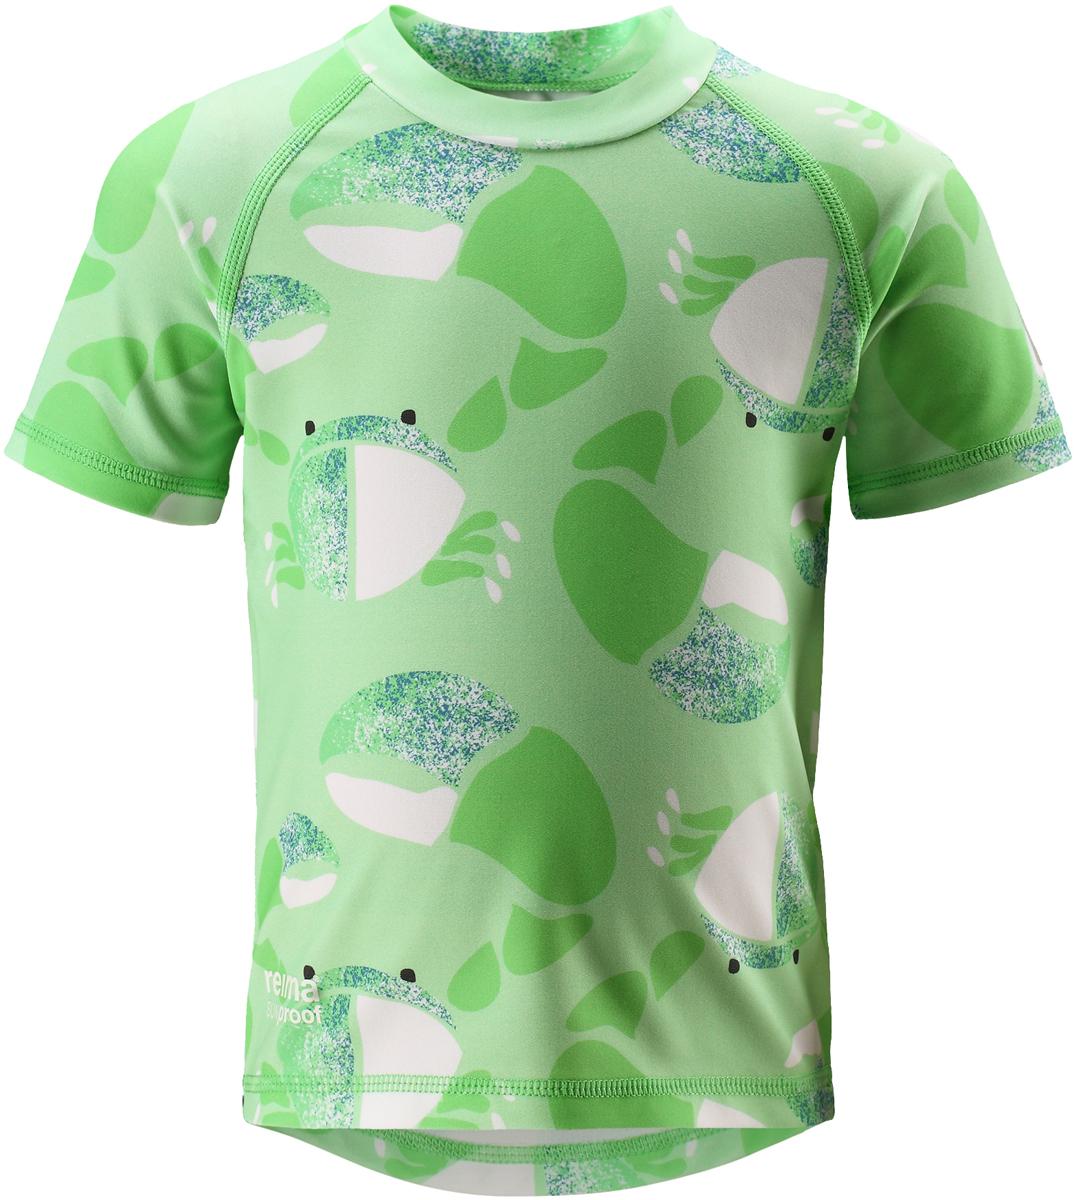 Футболка для плавания детская Reima Azores, цвет: зеленый. 5163518073. Размер 985163518073